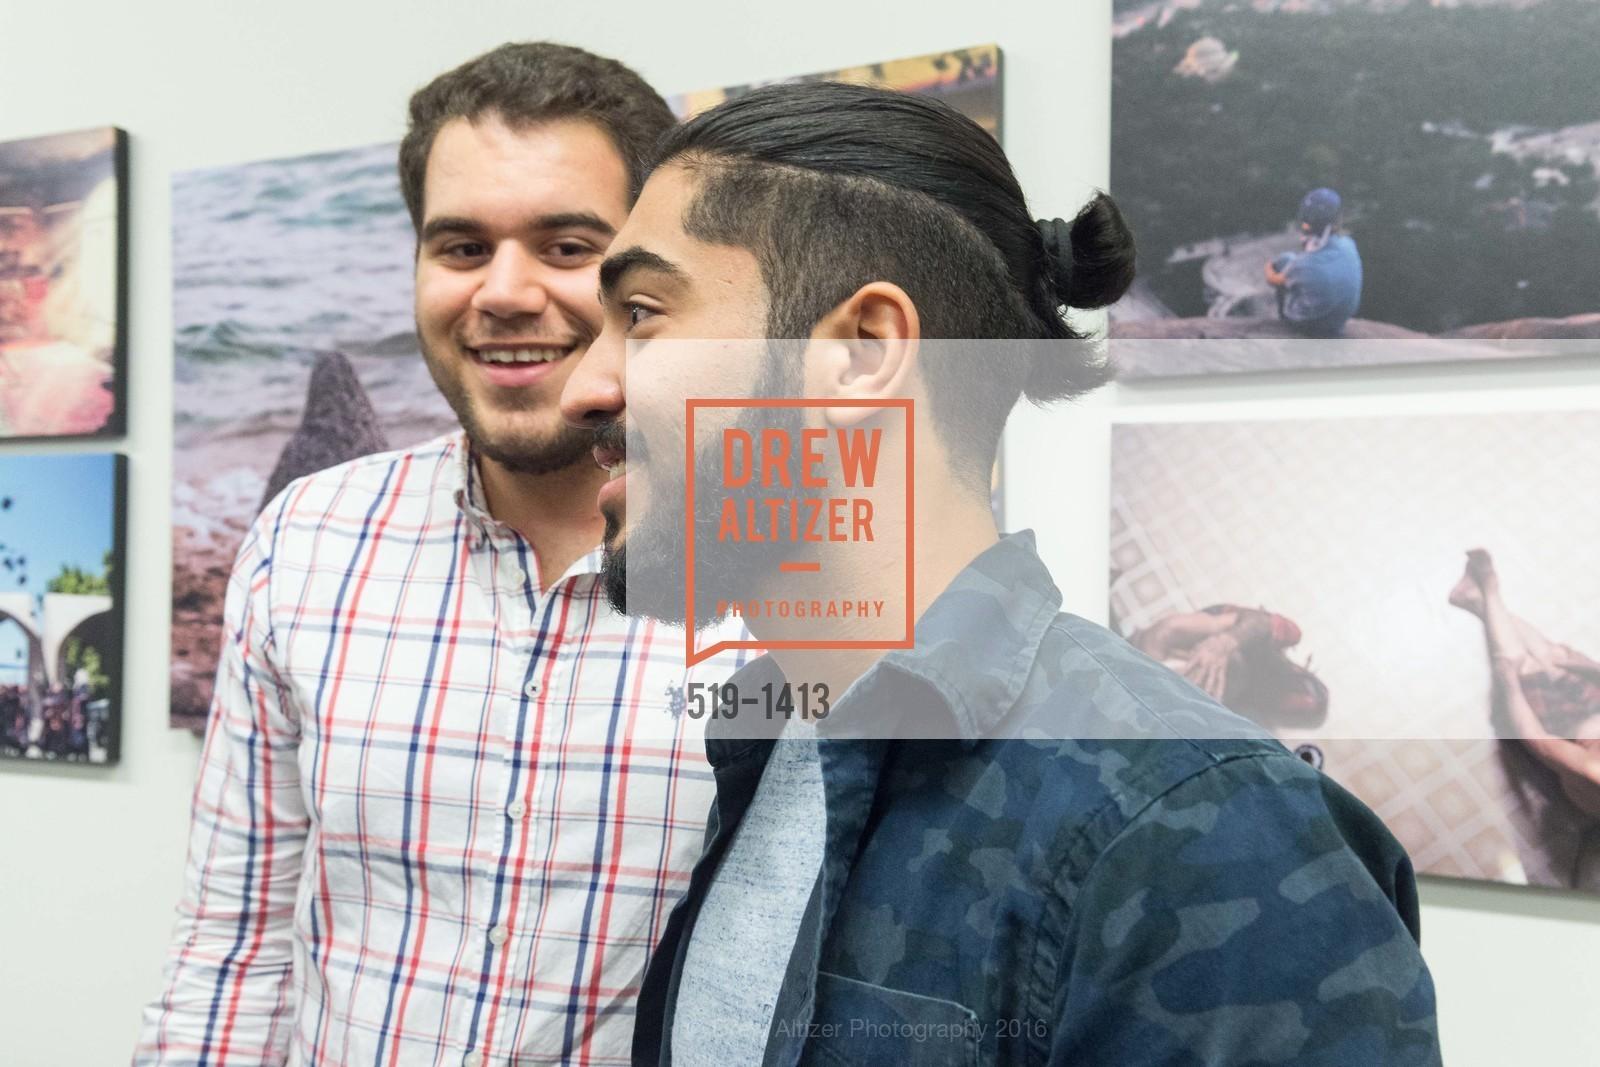 Danial Abar, Mahbod Rahmaifar, Photo #519-1413